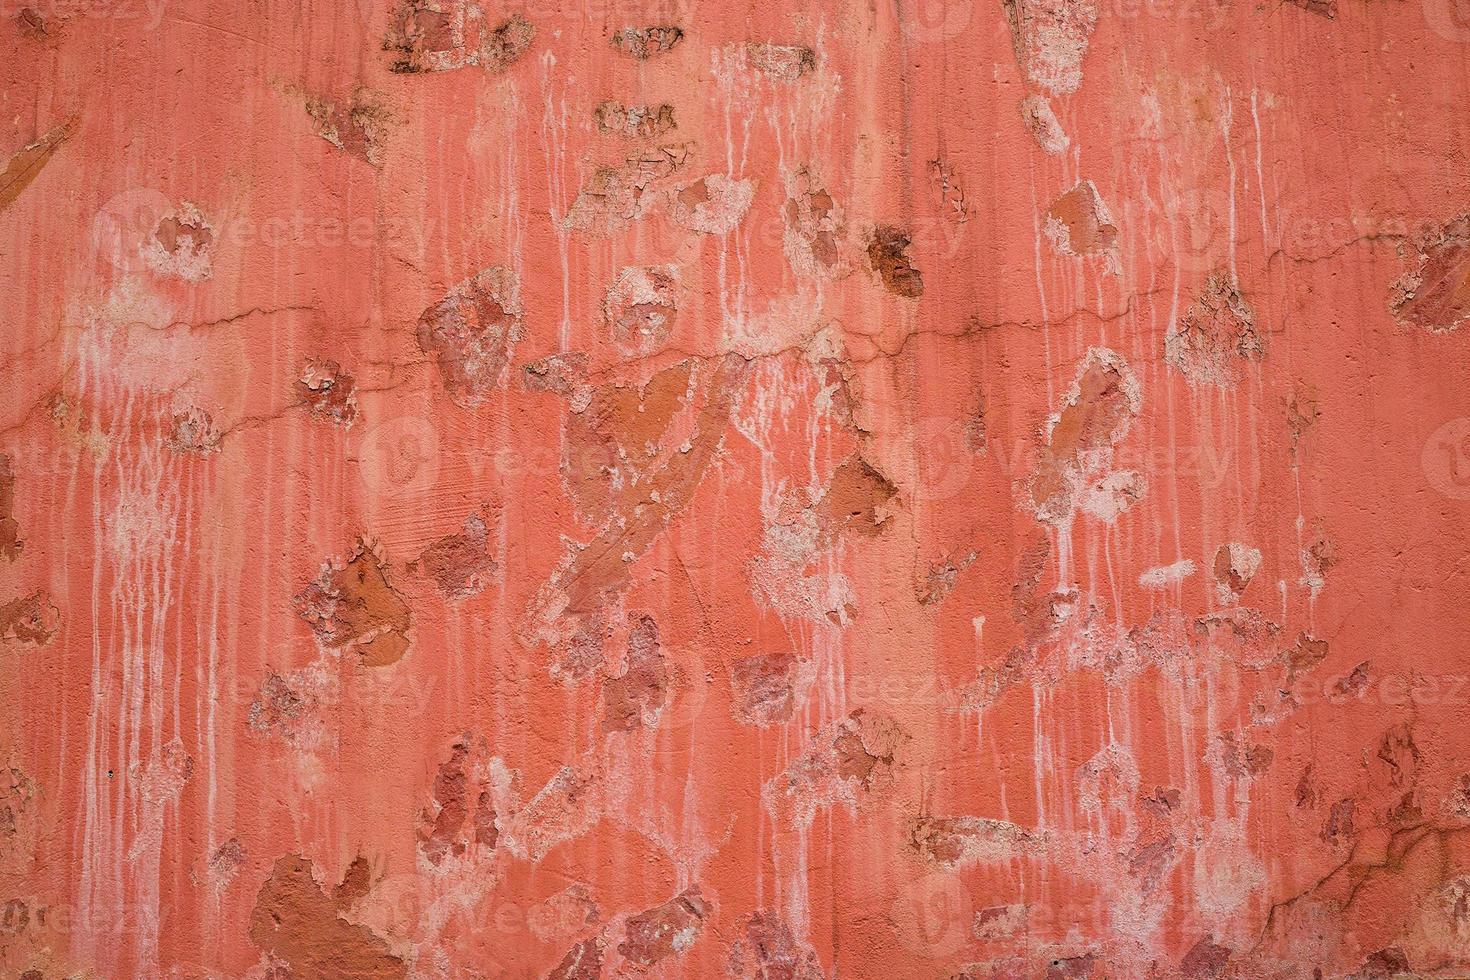 kleurrijke patronen en texturen van oude cementmuur voor achtergrond foto